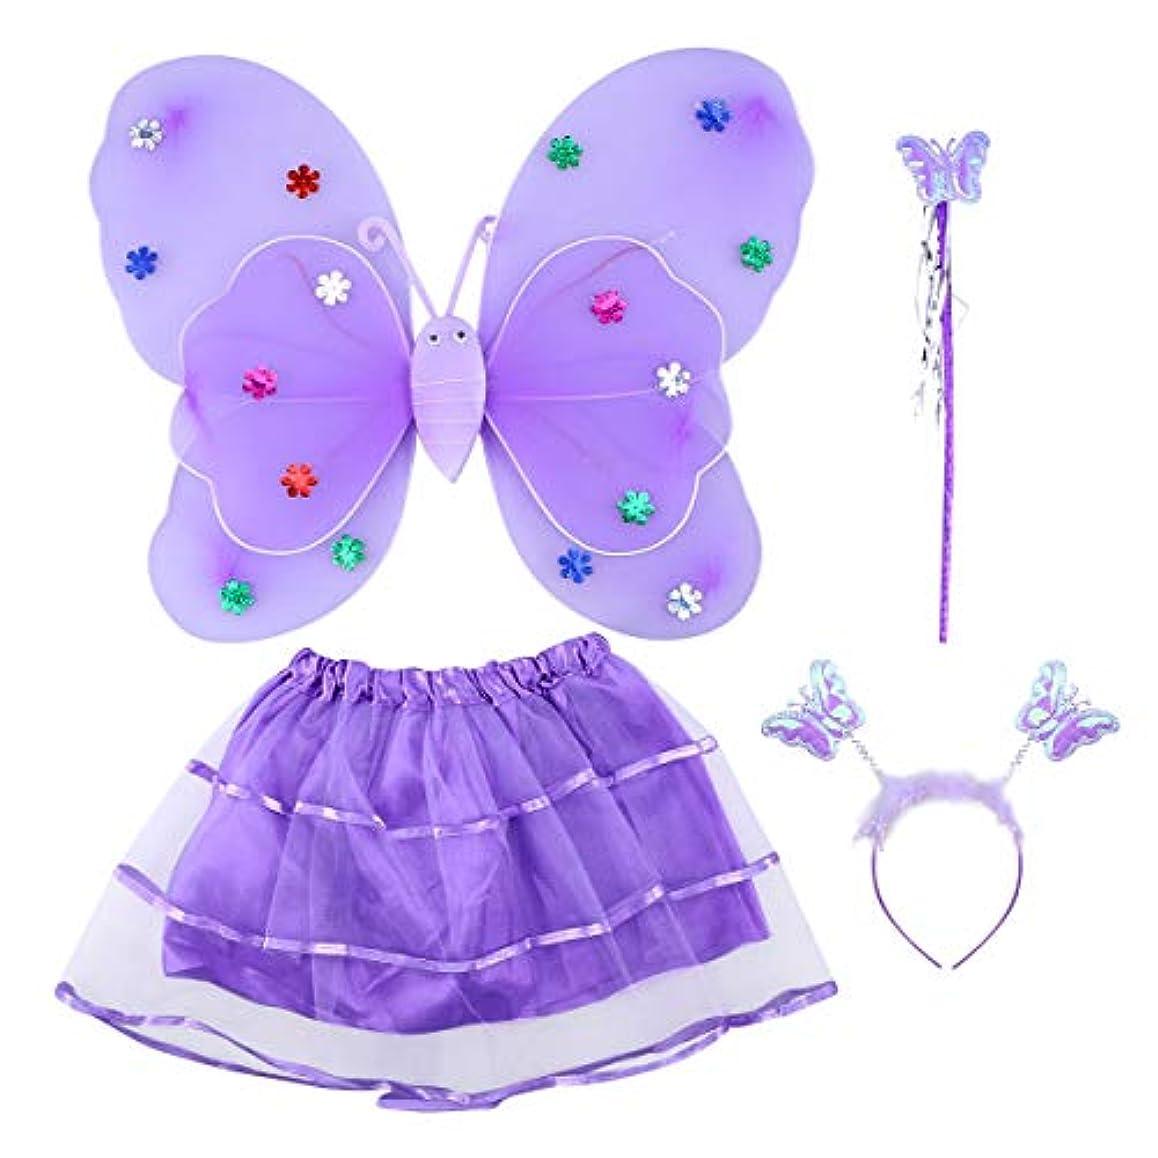 物足りない吸収剤耕すBESTOYARD 4本の女の子のチュチュスカート蝶の羽の杖LEDライトフェアリーコスチュームセット二重層蝶の羽の杖ヘッドバンドパーティーコスチュームセット(パープル)